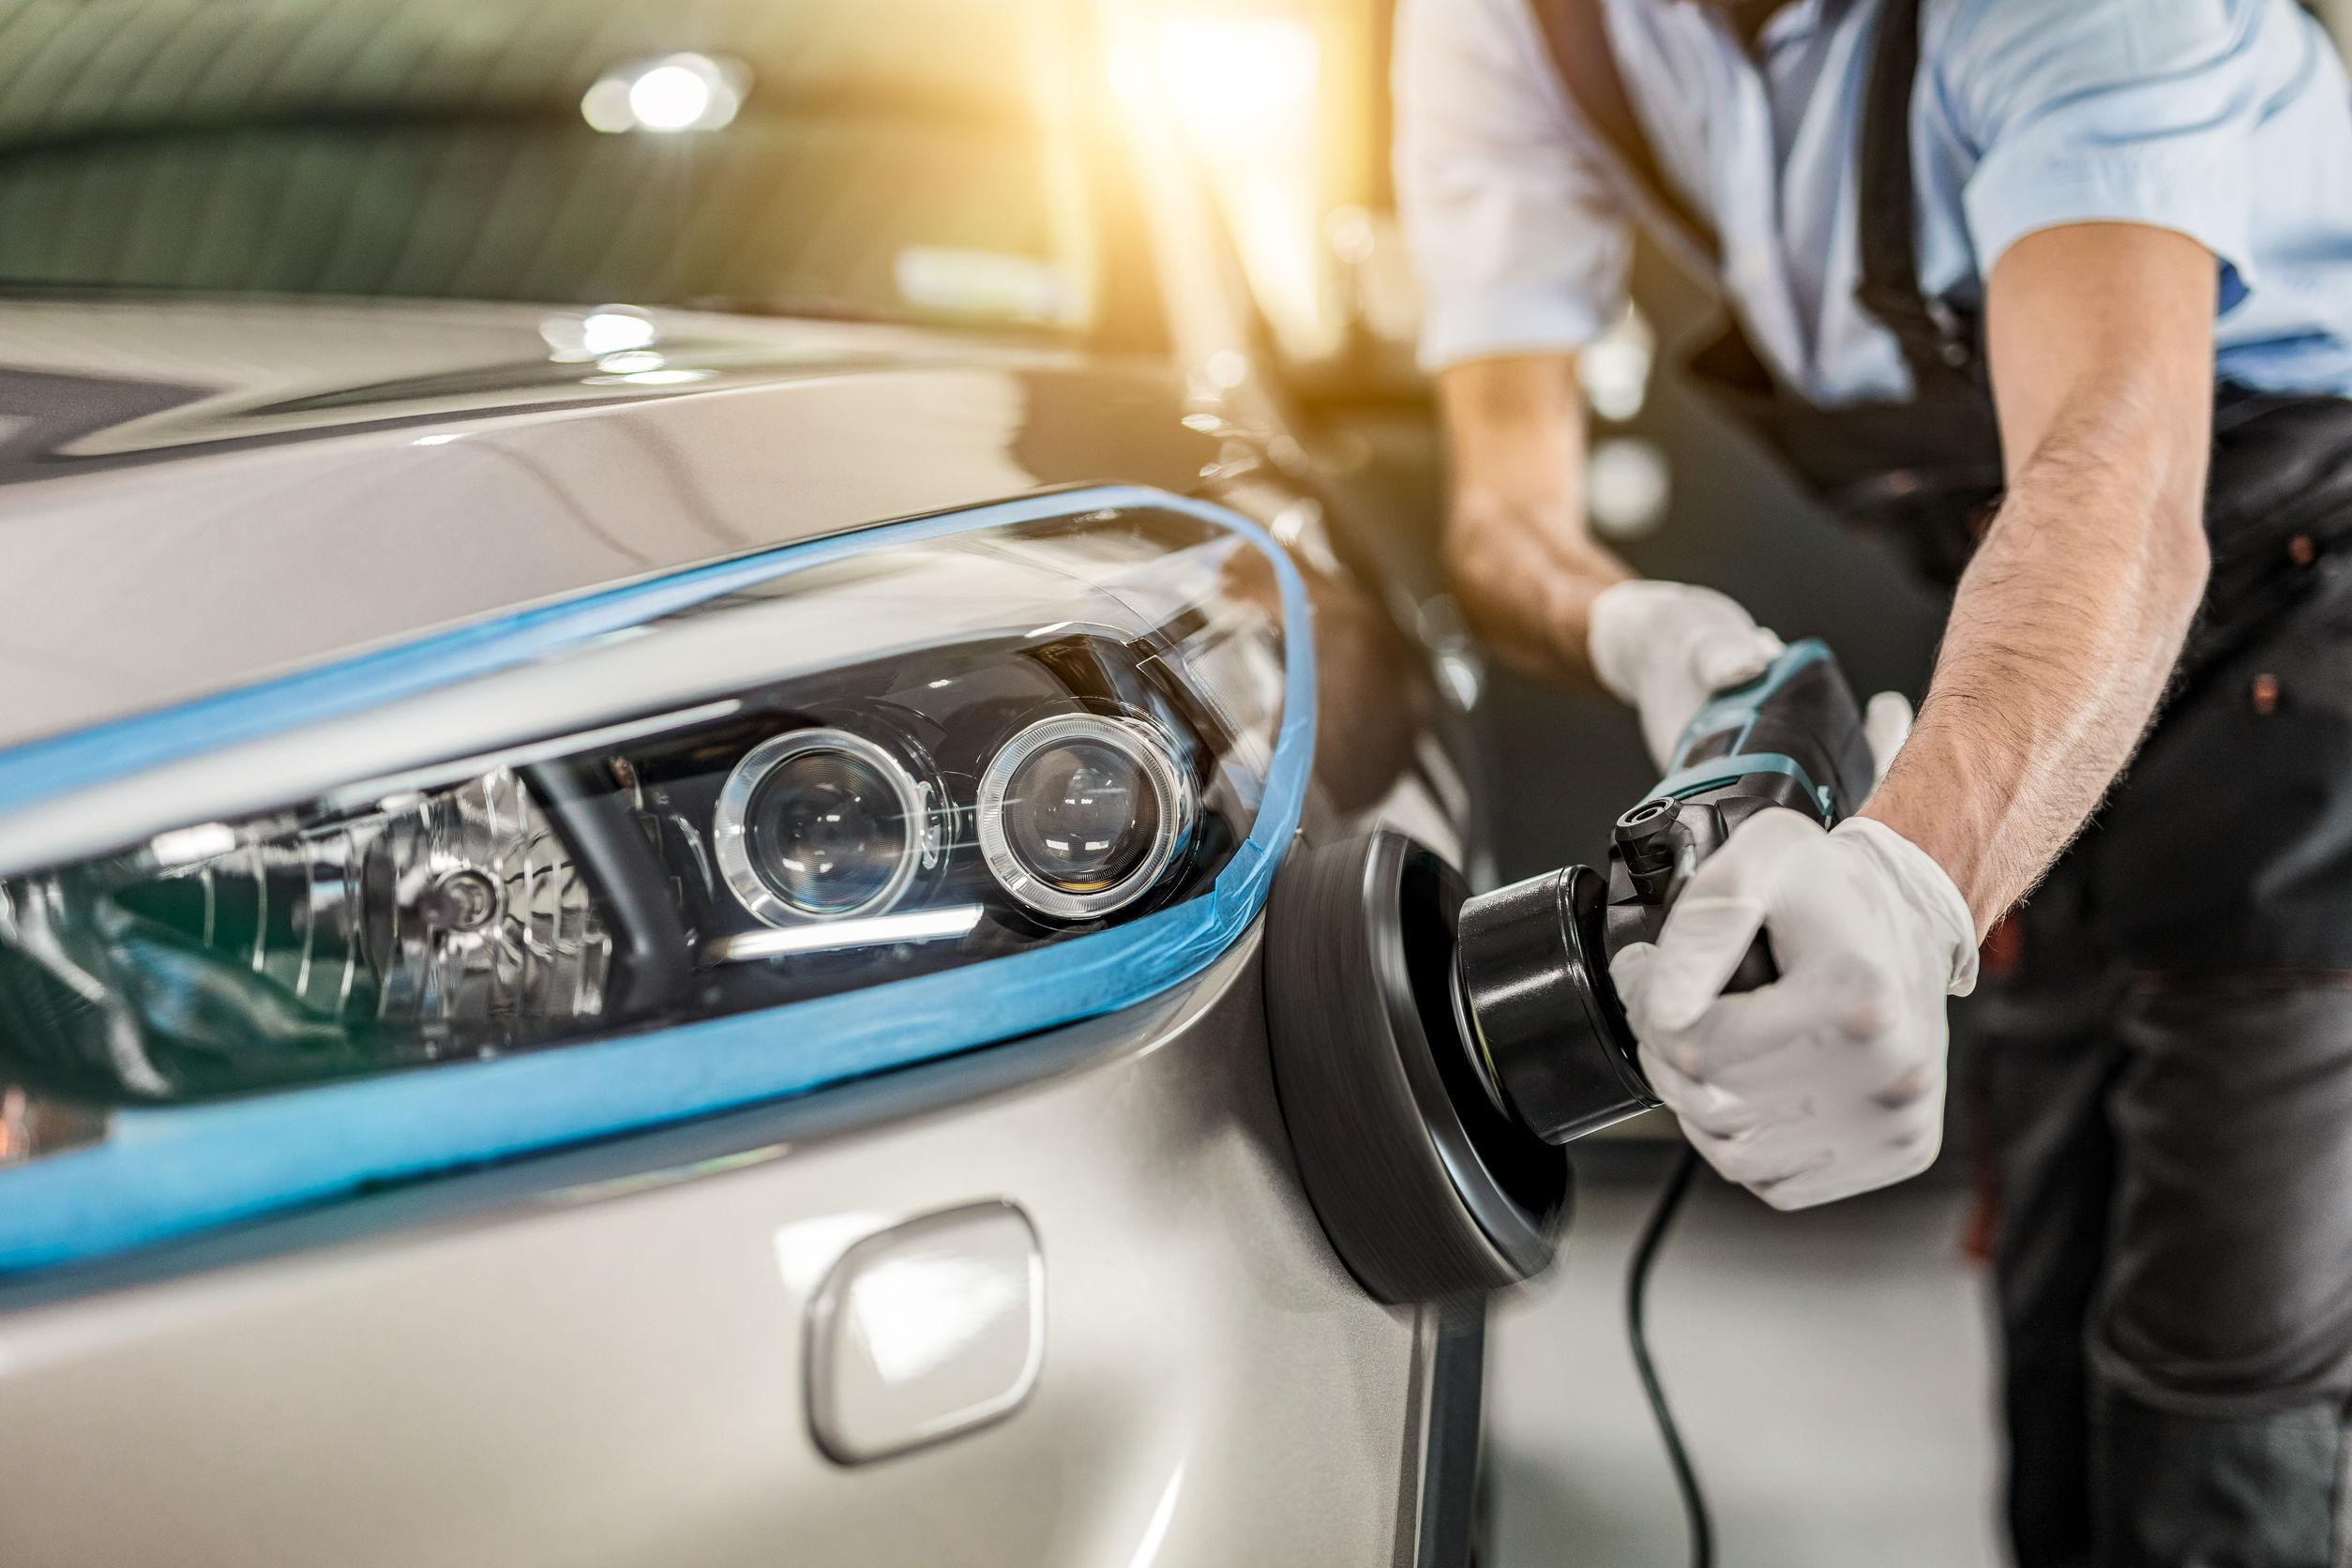 Pulidoras para auto: ¿Cuáles son las mejores del 2020?